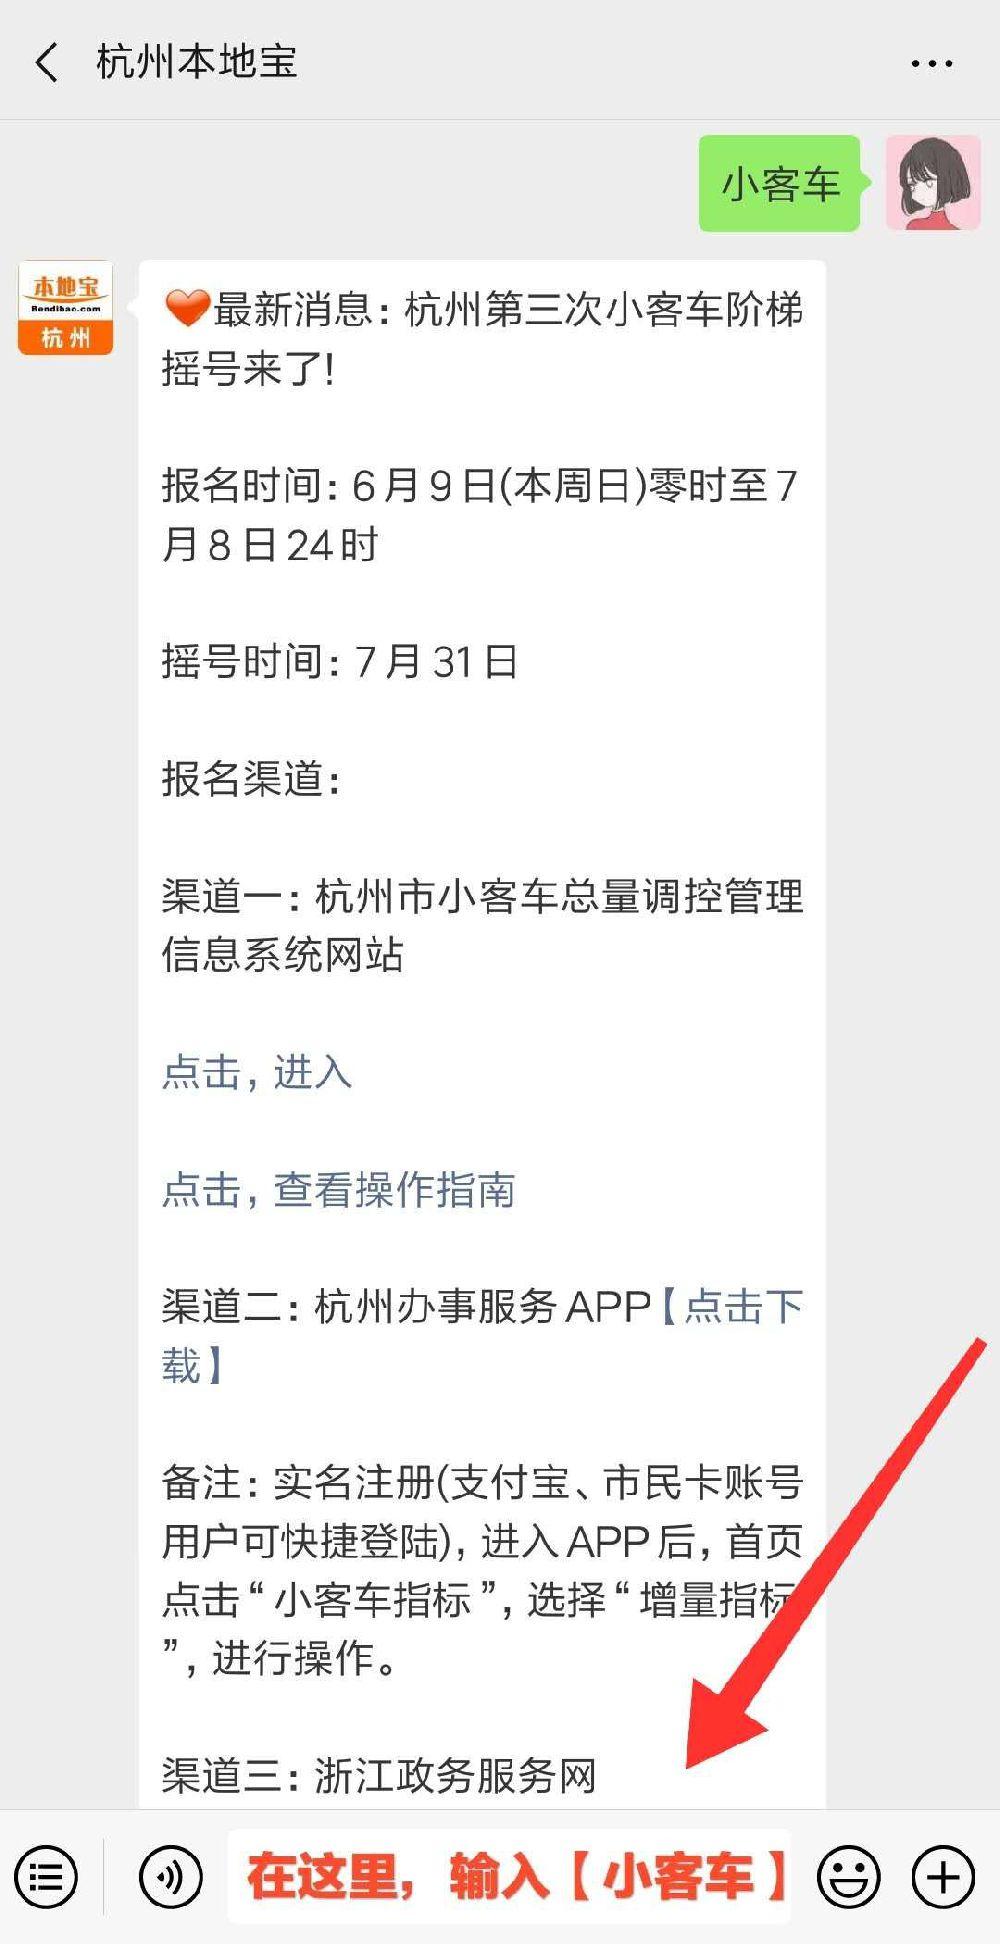 杭州小客车第三次阶梯摇号是什么时候